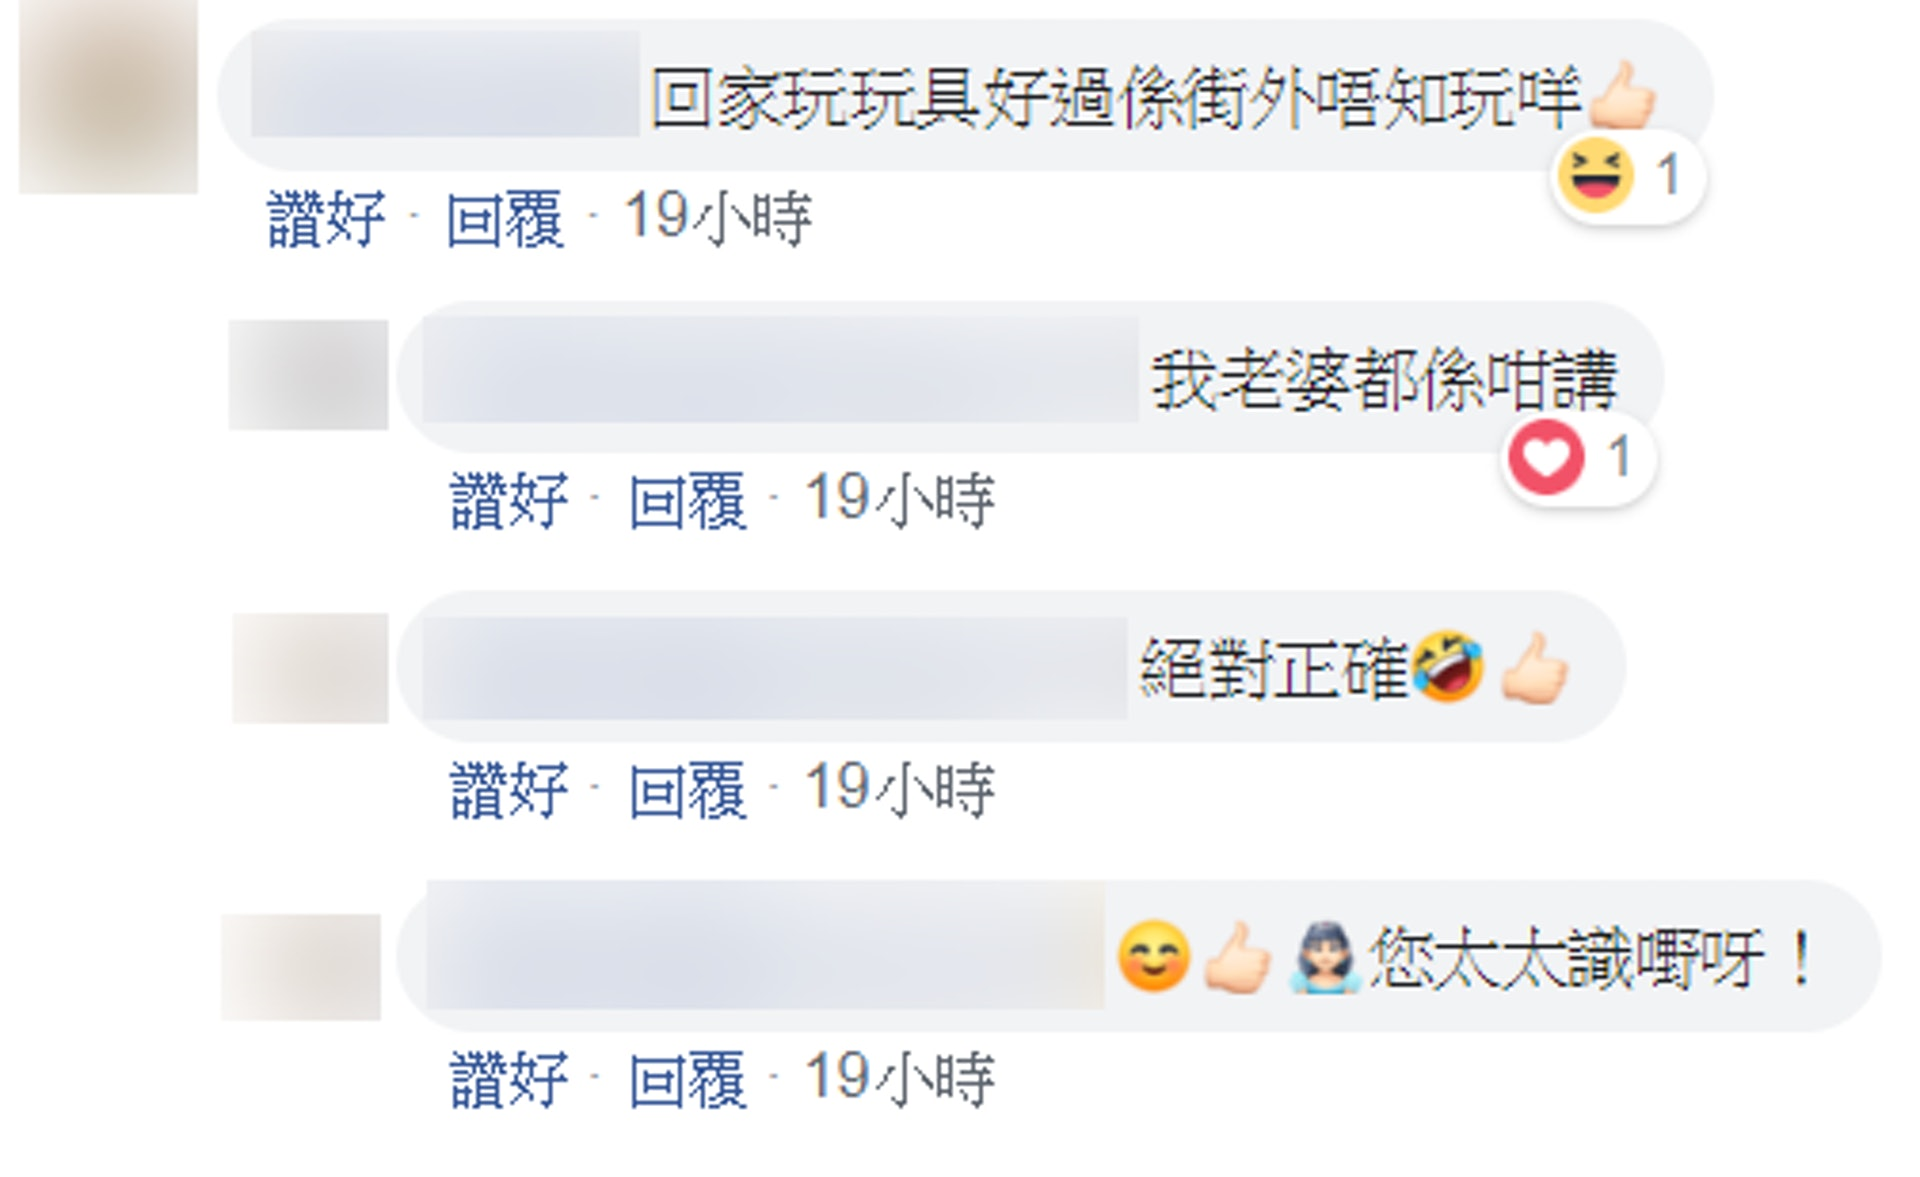 不少網民都大讚李先生妻子窩心,更認為李先生是人生勝利組。(fb群組「今日一入玩具報價區」)